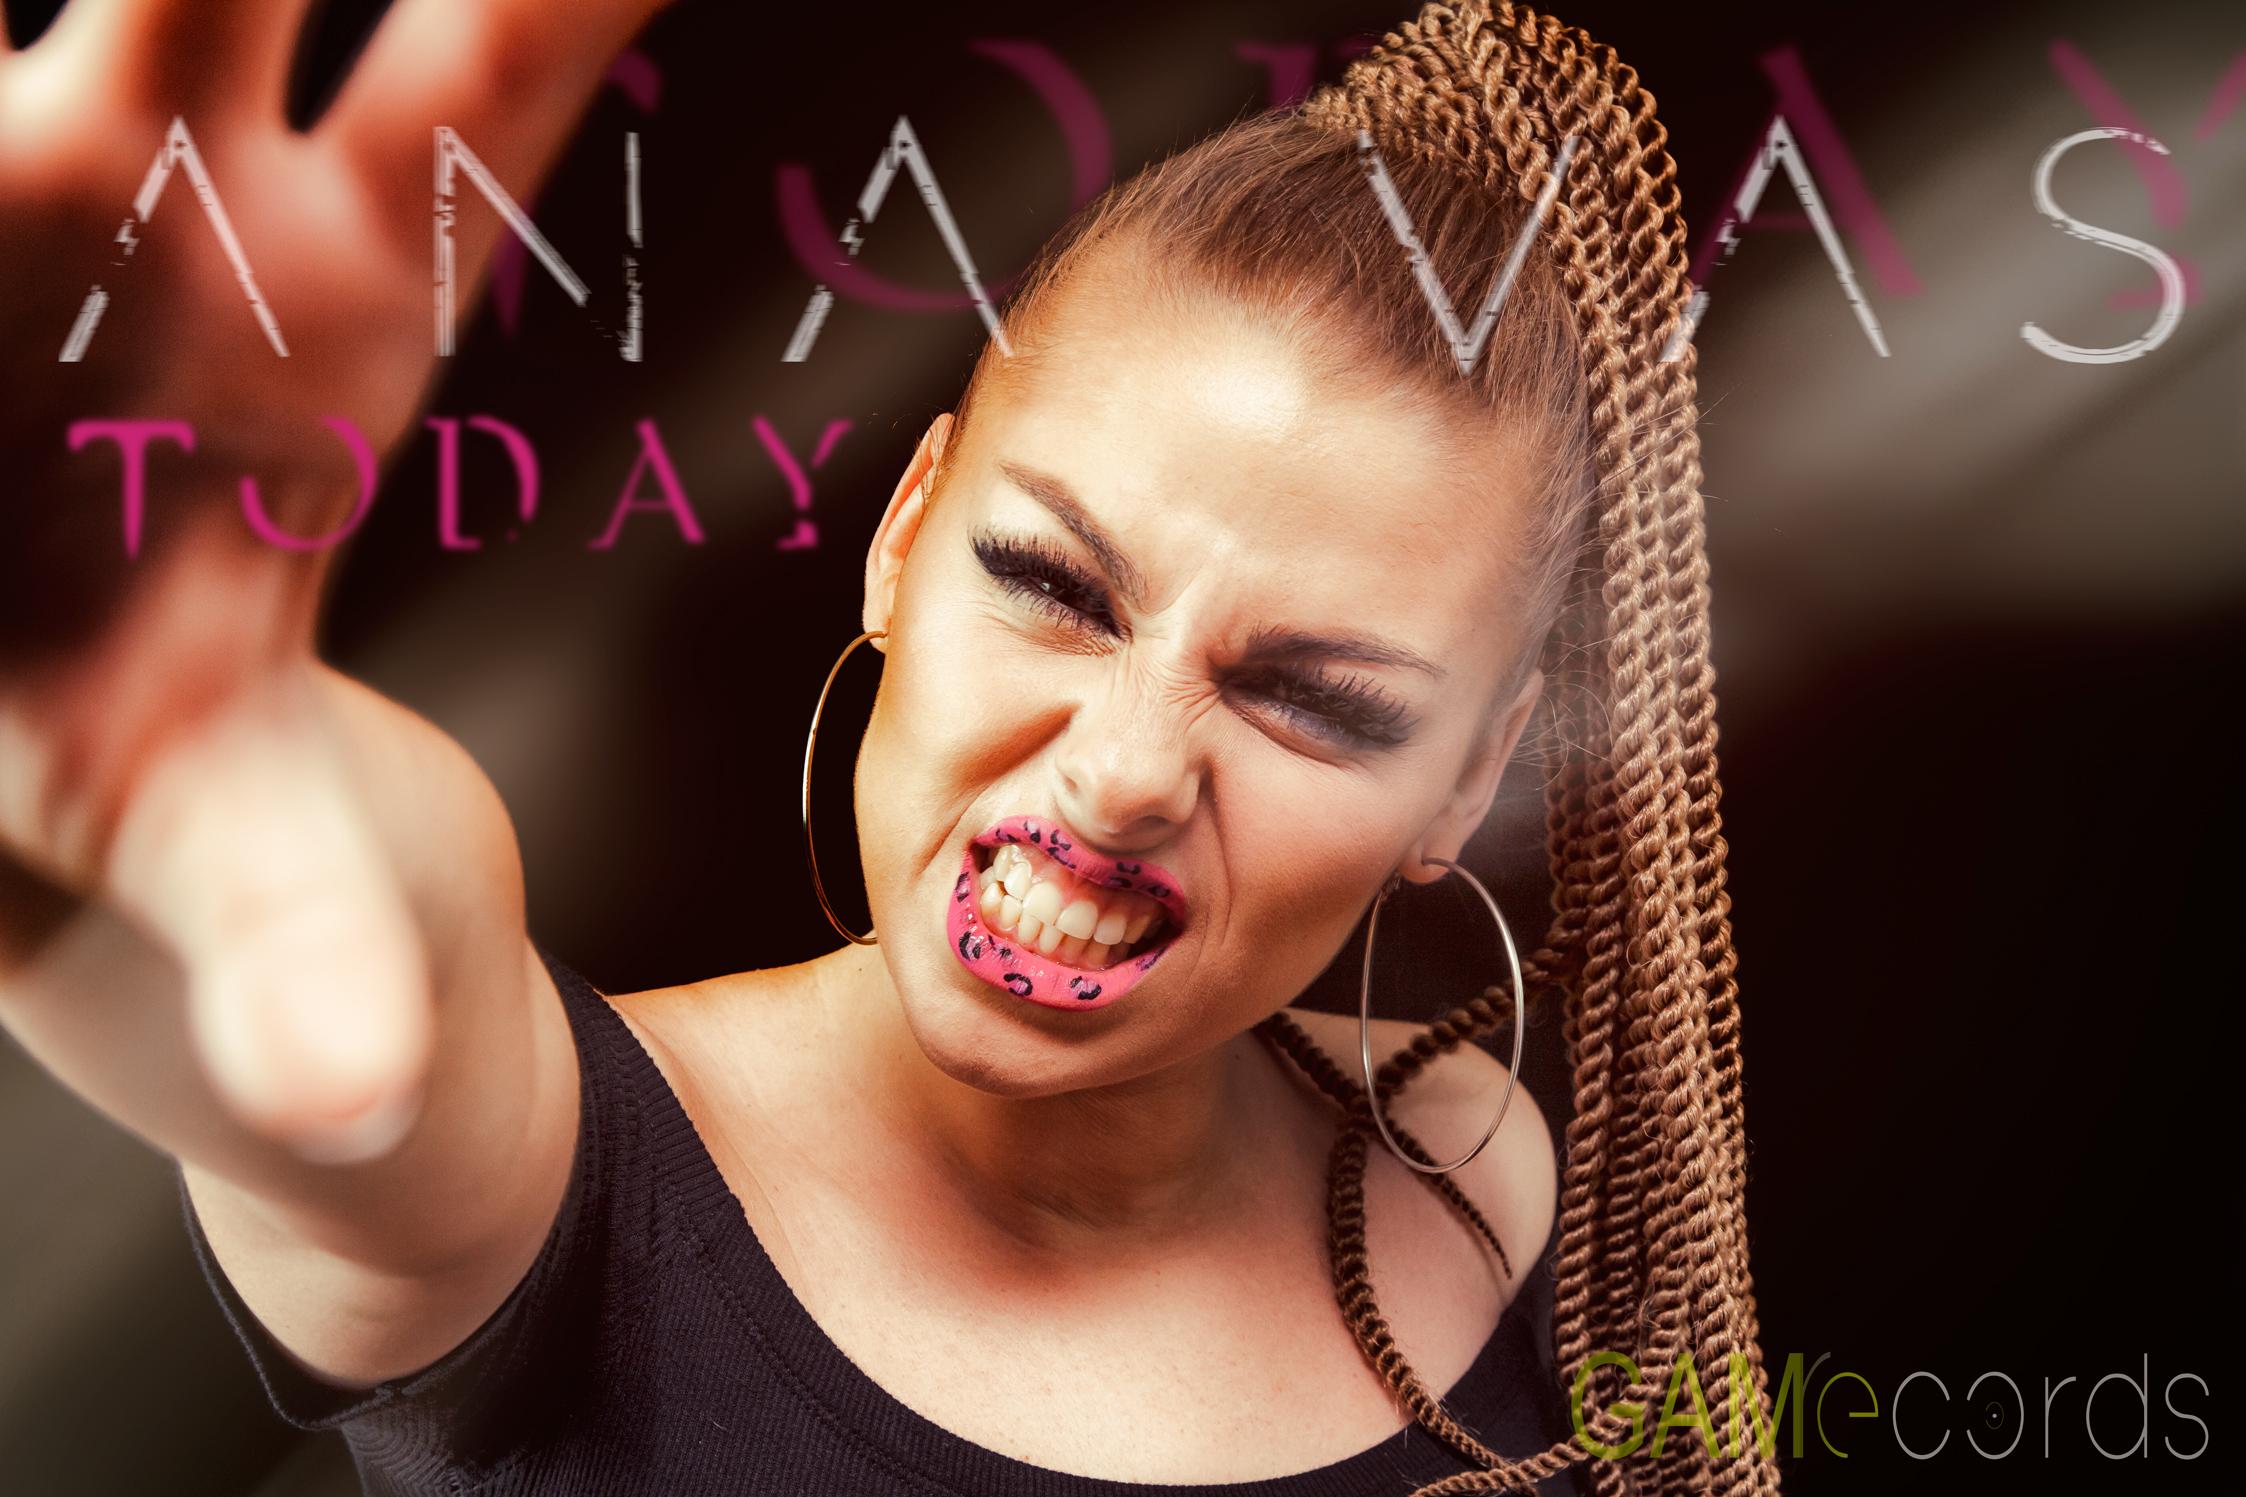 ARTÍCULO | Ana Vas derrocha fuerza con Today, su primer single